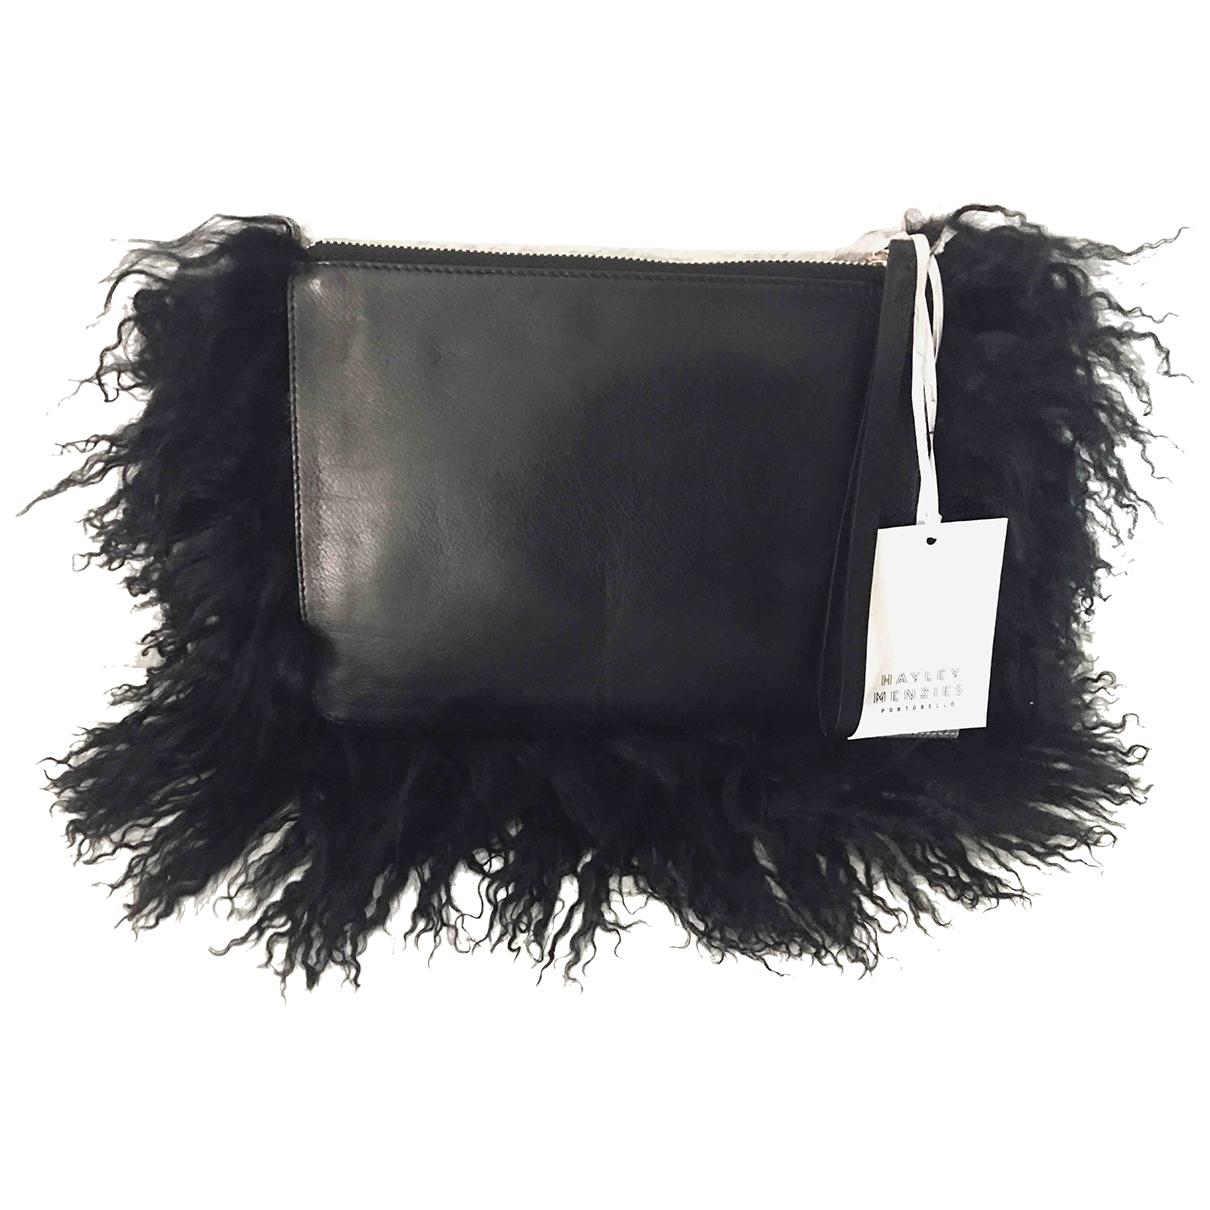 Hayley Menzies - Pochette   pour femme en cuir - noir